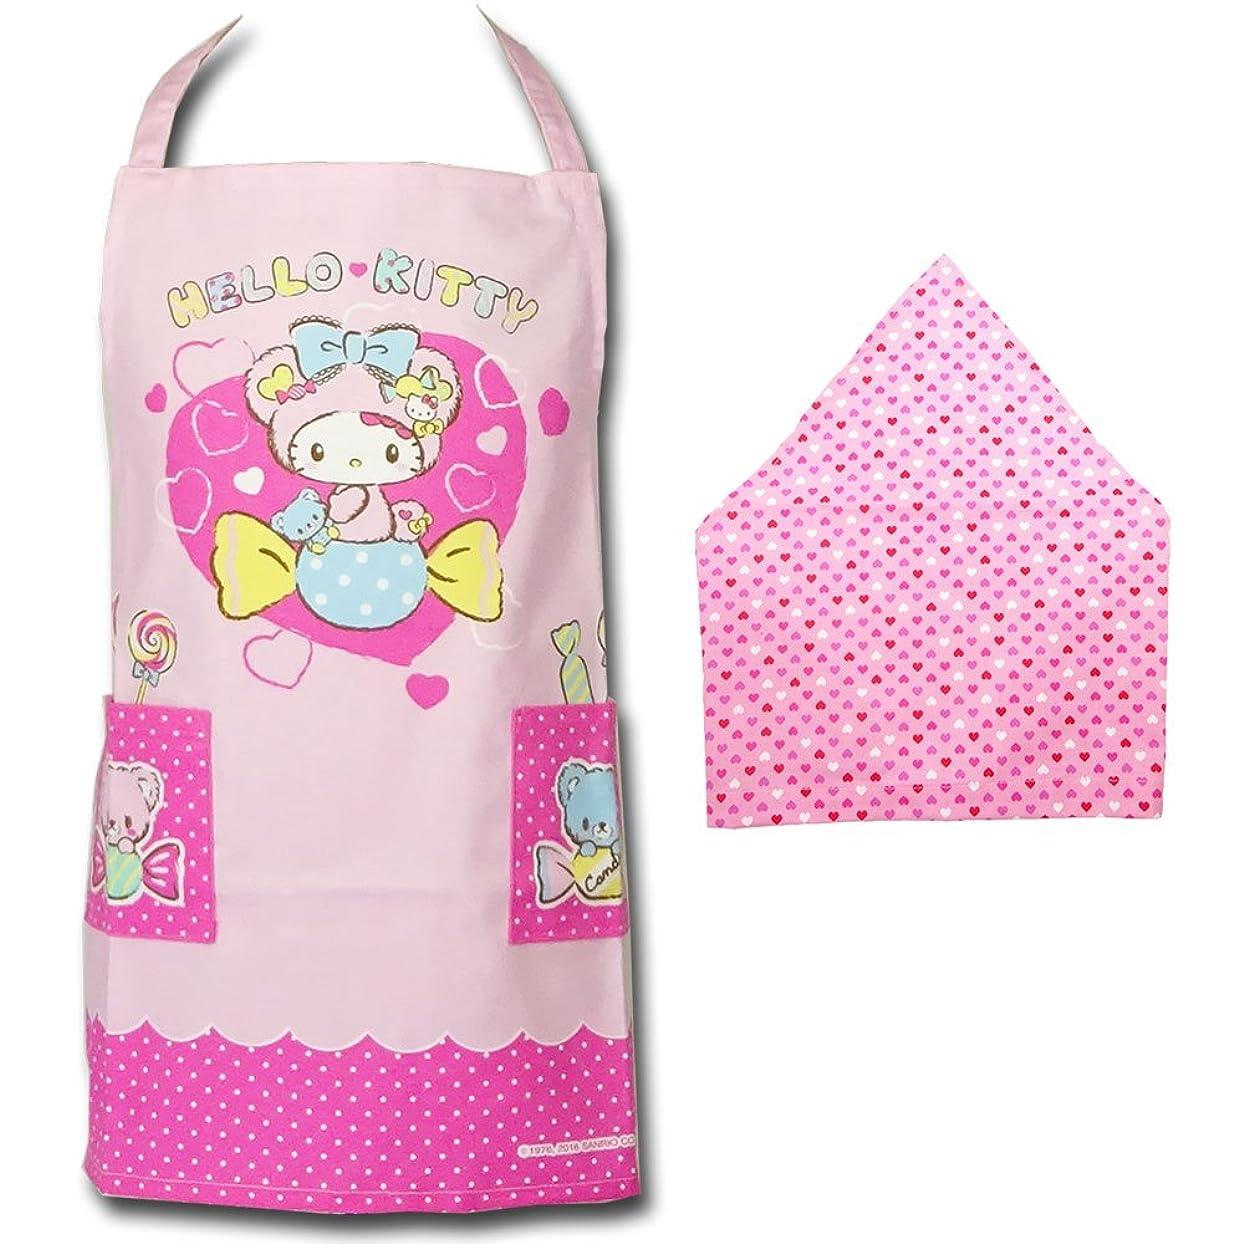 倫理的変形する脚本家子供用 エプロン 三角巾 セット ハローキティ 幼児 110 ひとりでかぶれる 可愛いイチゴ柄三角巾